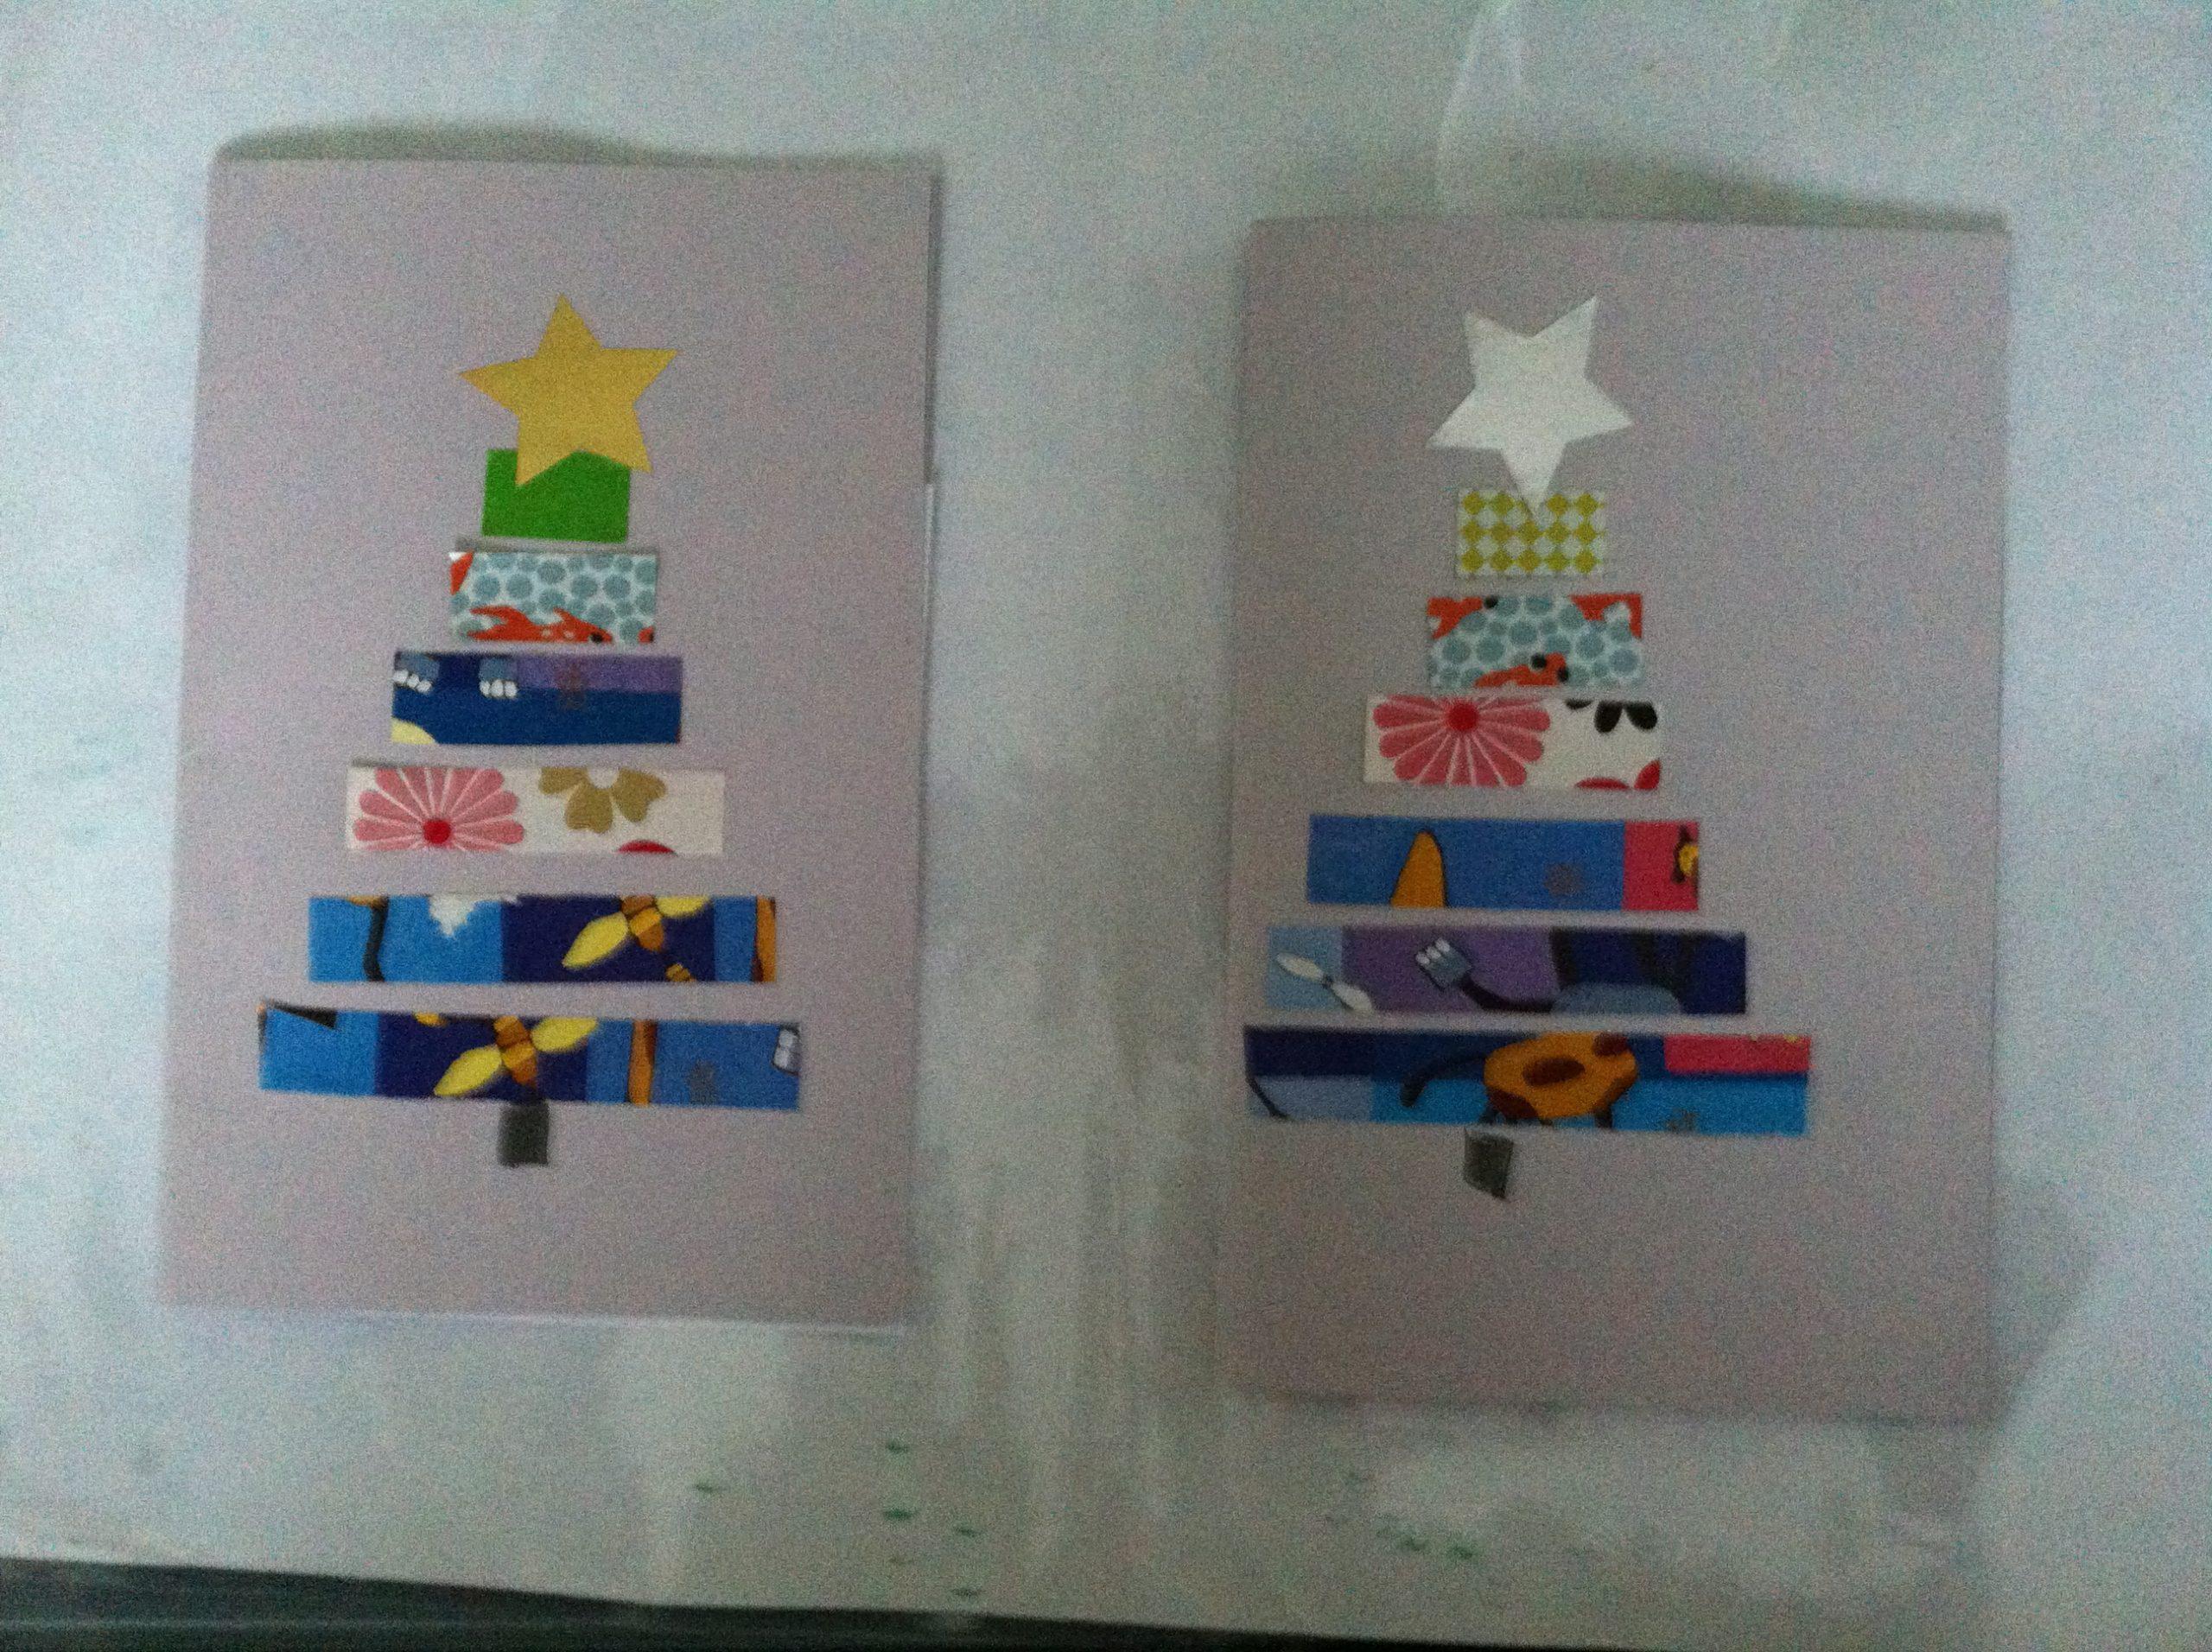 Nos Cartes De Voeux 2013-2014 Ms Et Gs - La Classe De Wjl intérieur Carte Noel Gs